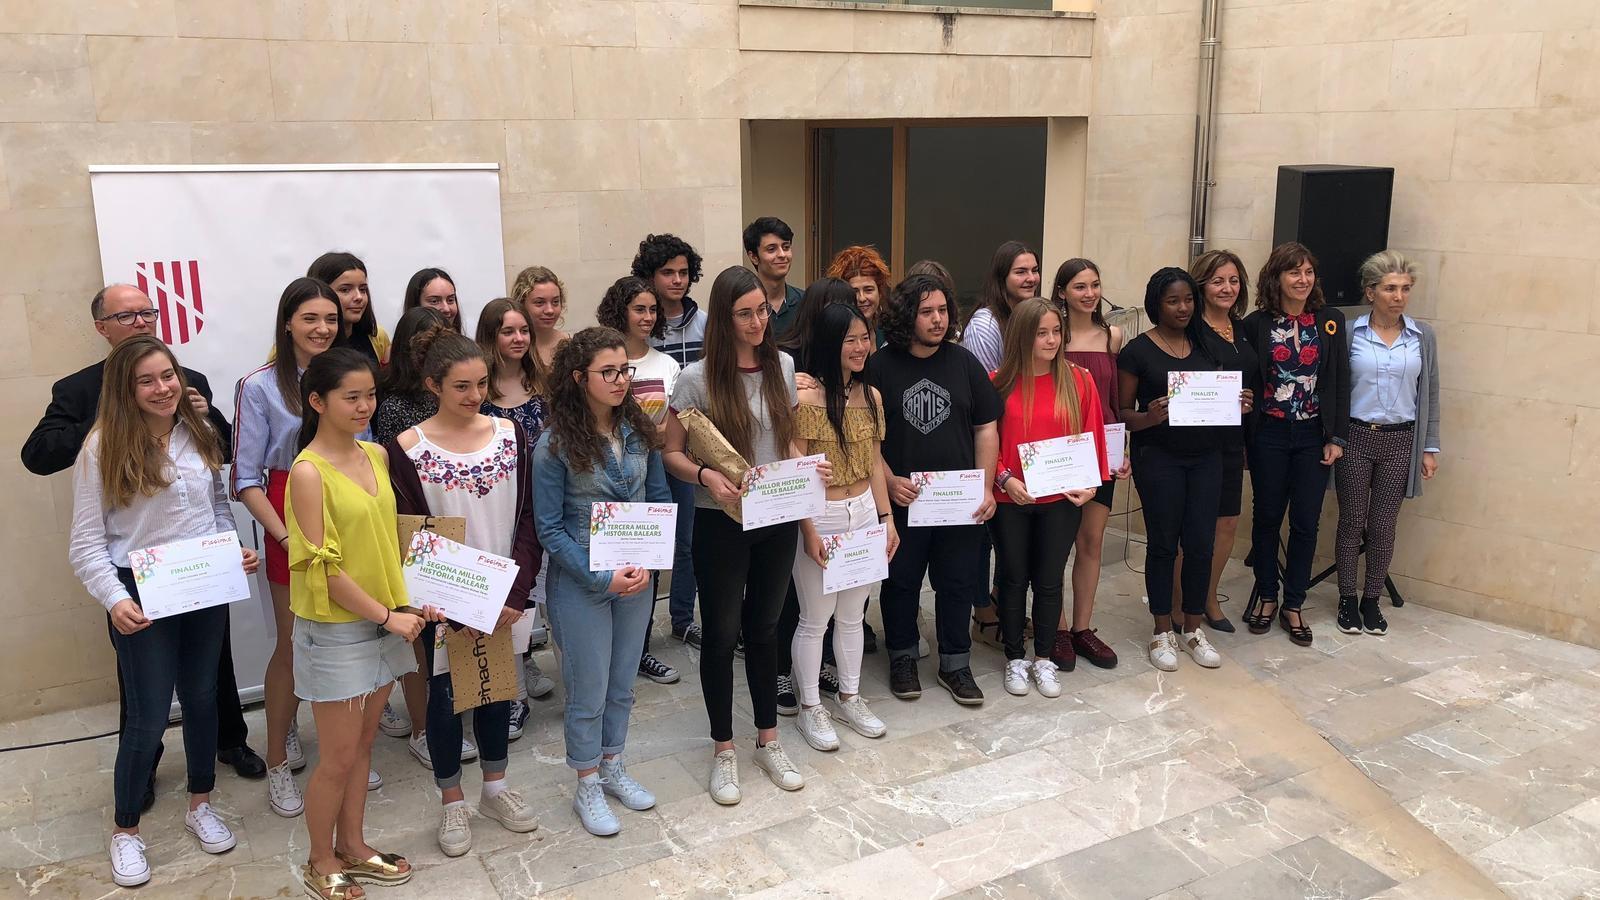 Concursants de la desena edició del certamen literari 'Ficcions'